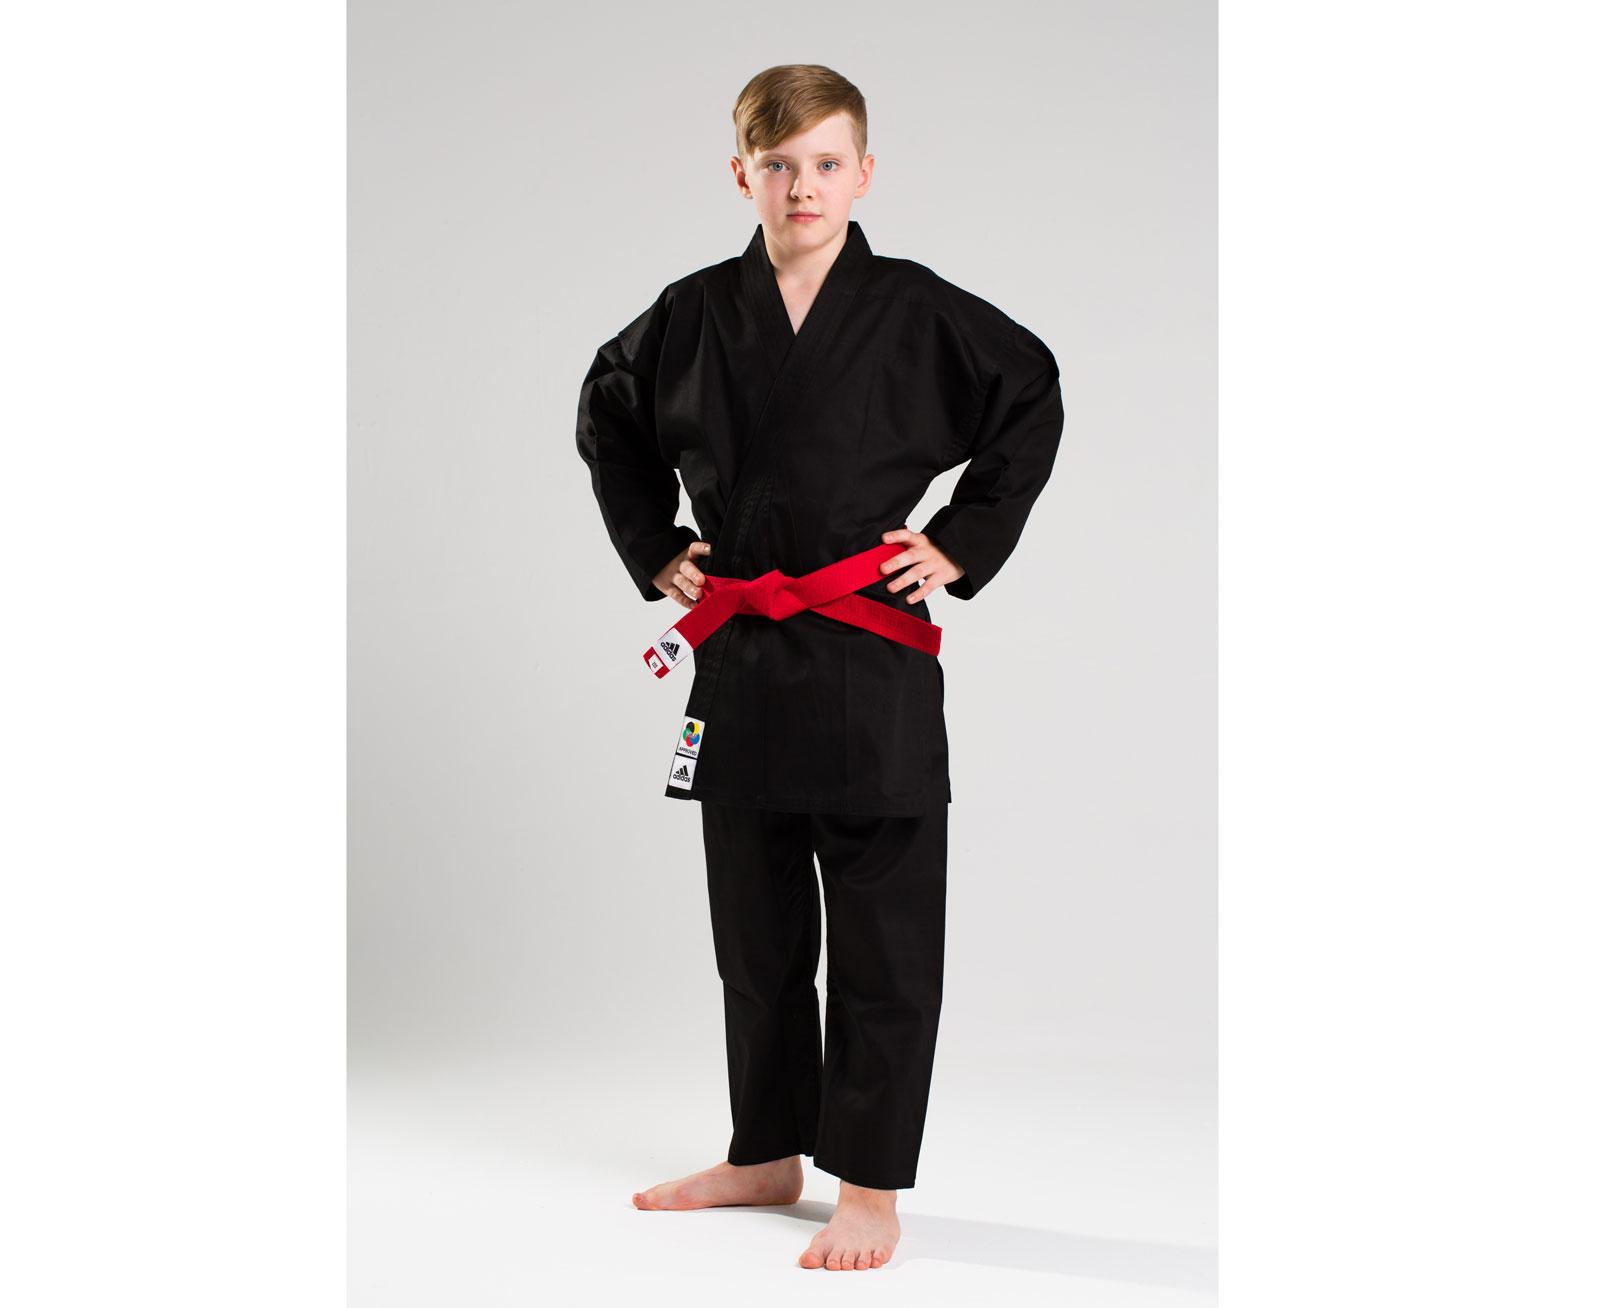 Детское кимоно для карате Club Black WKF, черное AdidasДля карате<br>Кимоно для карате от adidas. Идеально подходит как для каты, так и для кумитэ. Одобренно WKF(Word Karate Federation)Лёгкая, гибкая и прочная ткань. Брюки с эластичным поясом. Материал: 60%-хлопок, 40%- полиэстер. Кимоно идет без пояса. Пояс продается отдельно. *Большинство наших клиентов выбирают кимоно/добок на 5-10 см больше, чем их рост. (Если Ваш рост 120-125 см, то Ваш размер кимоно/добок 130см)<br><br>Размер: 140 см